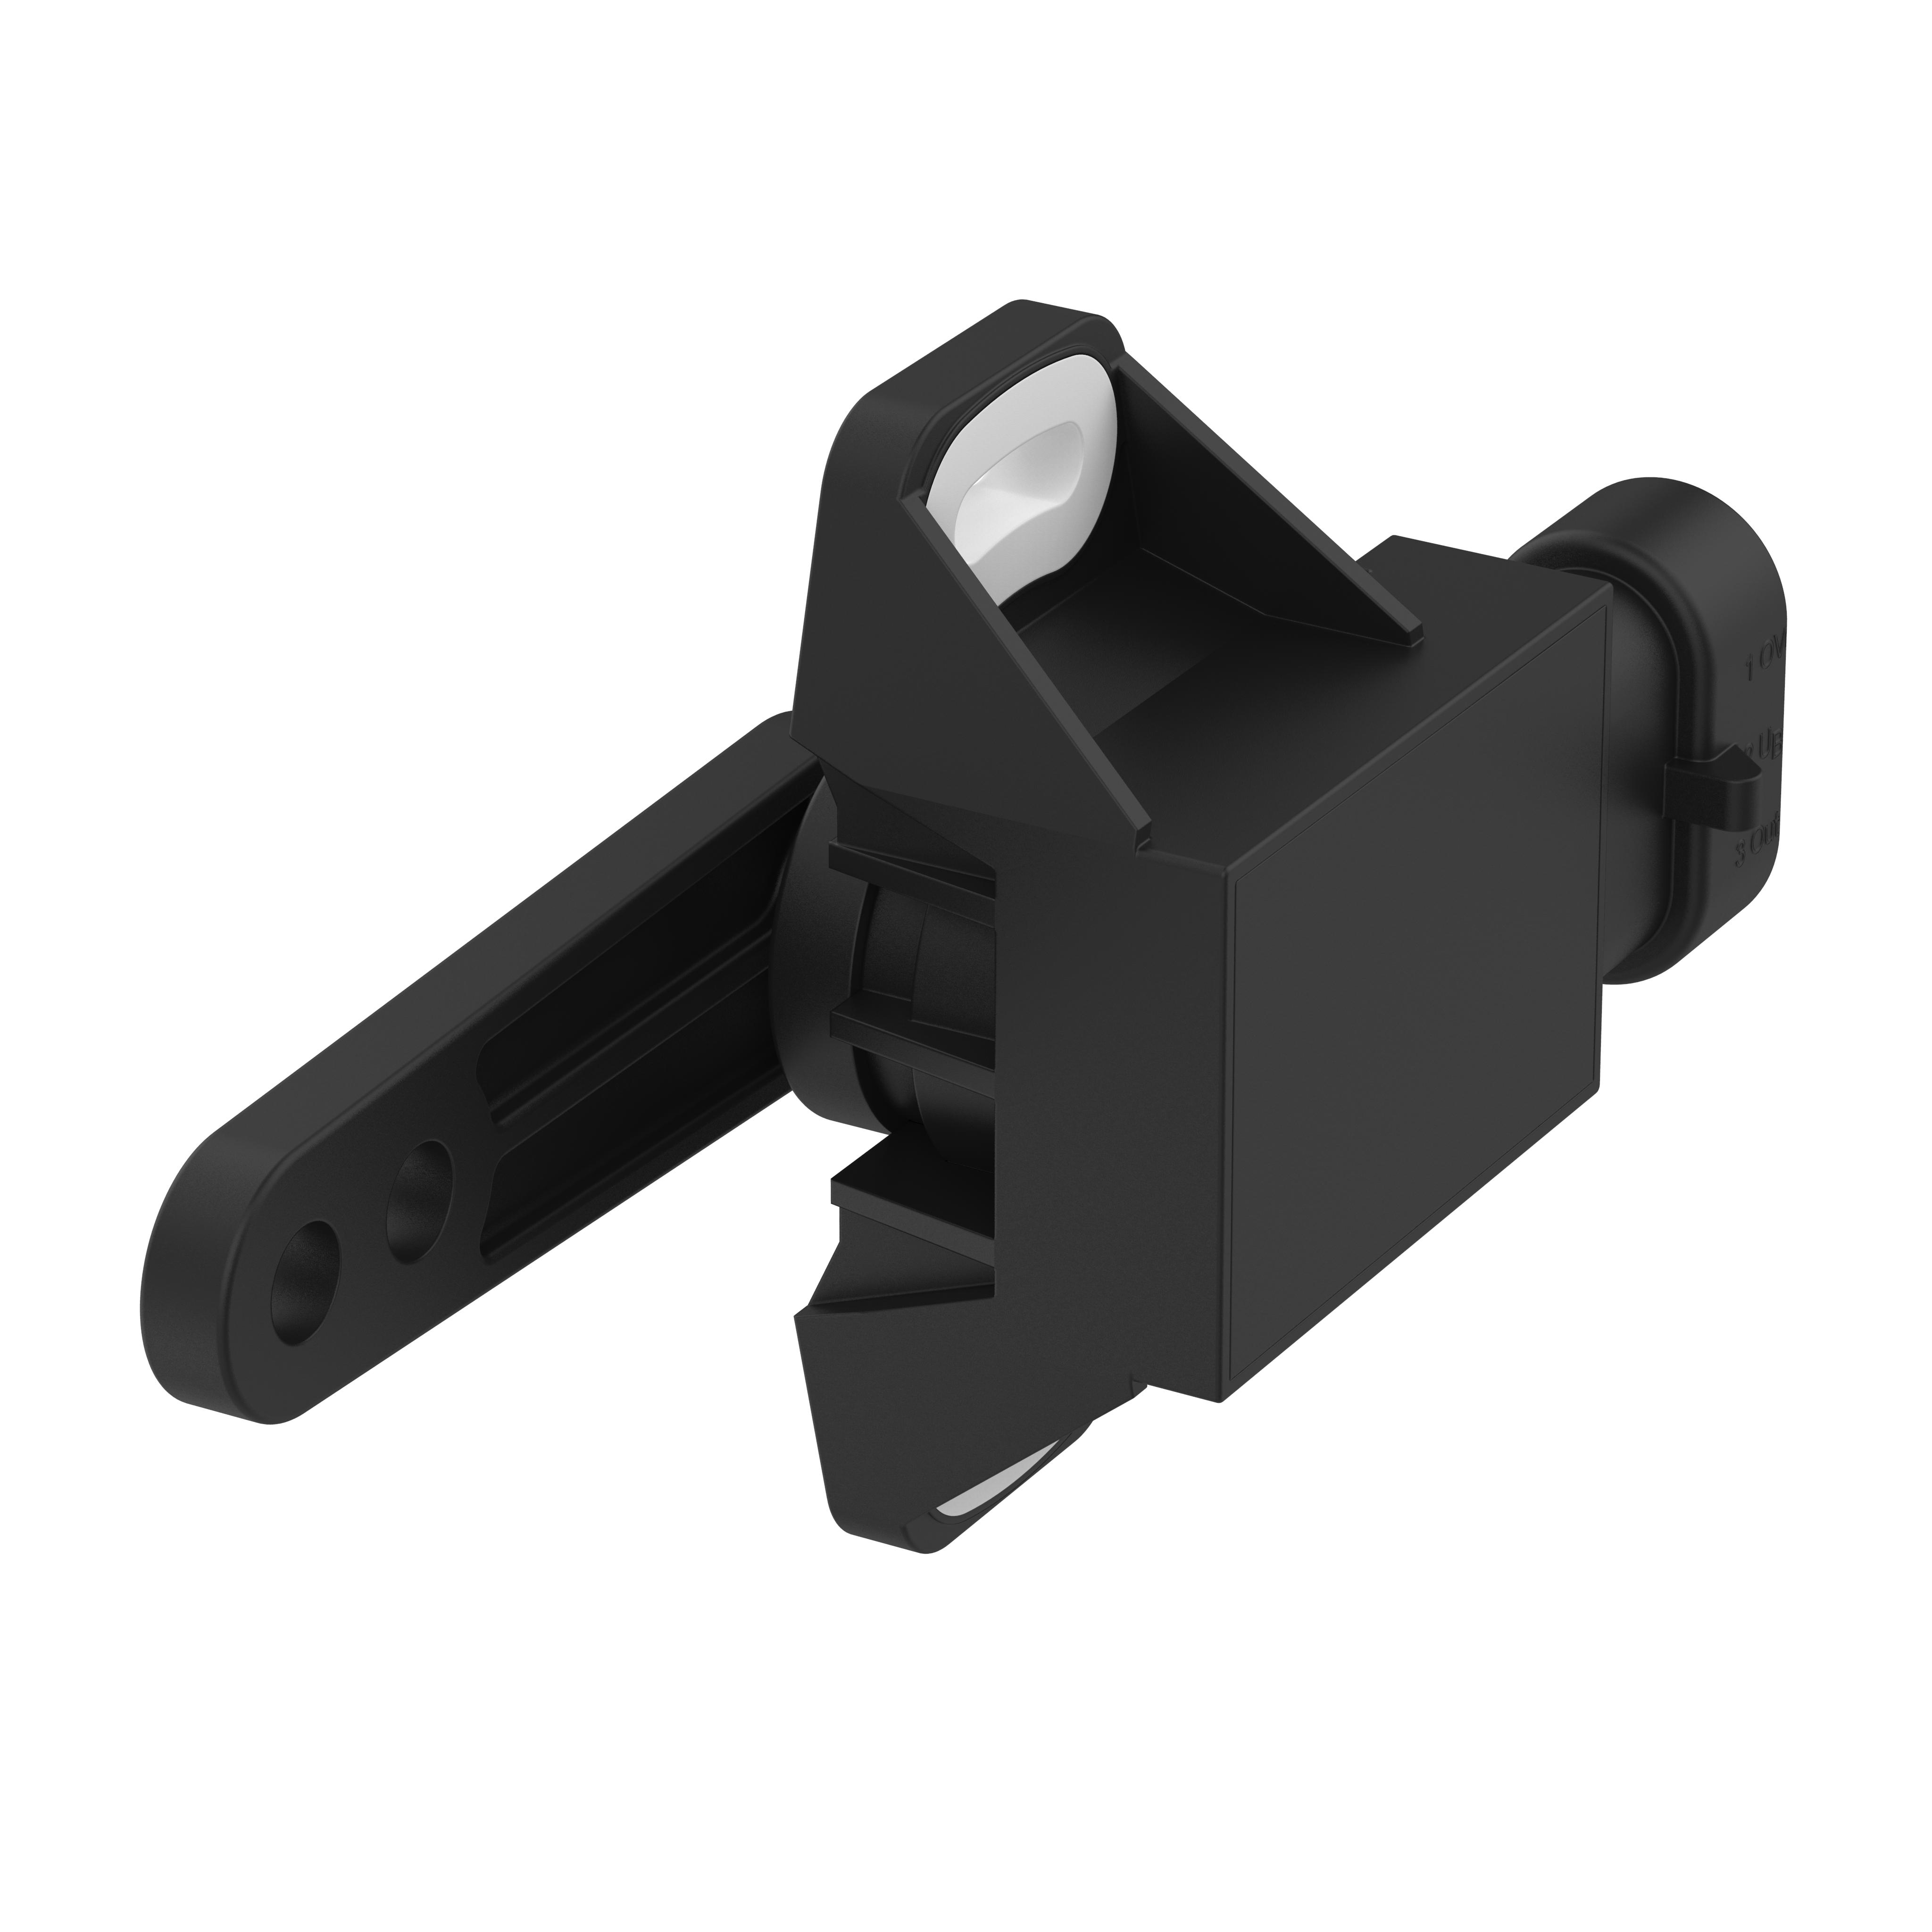 Winkelsensor 045° CCW - 424A07A045B - mit Betätigungshebel - 0,5-4,5V